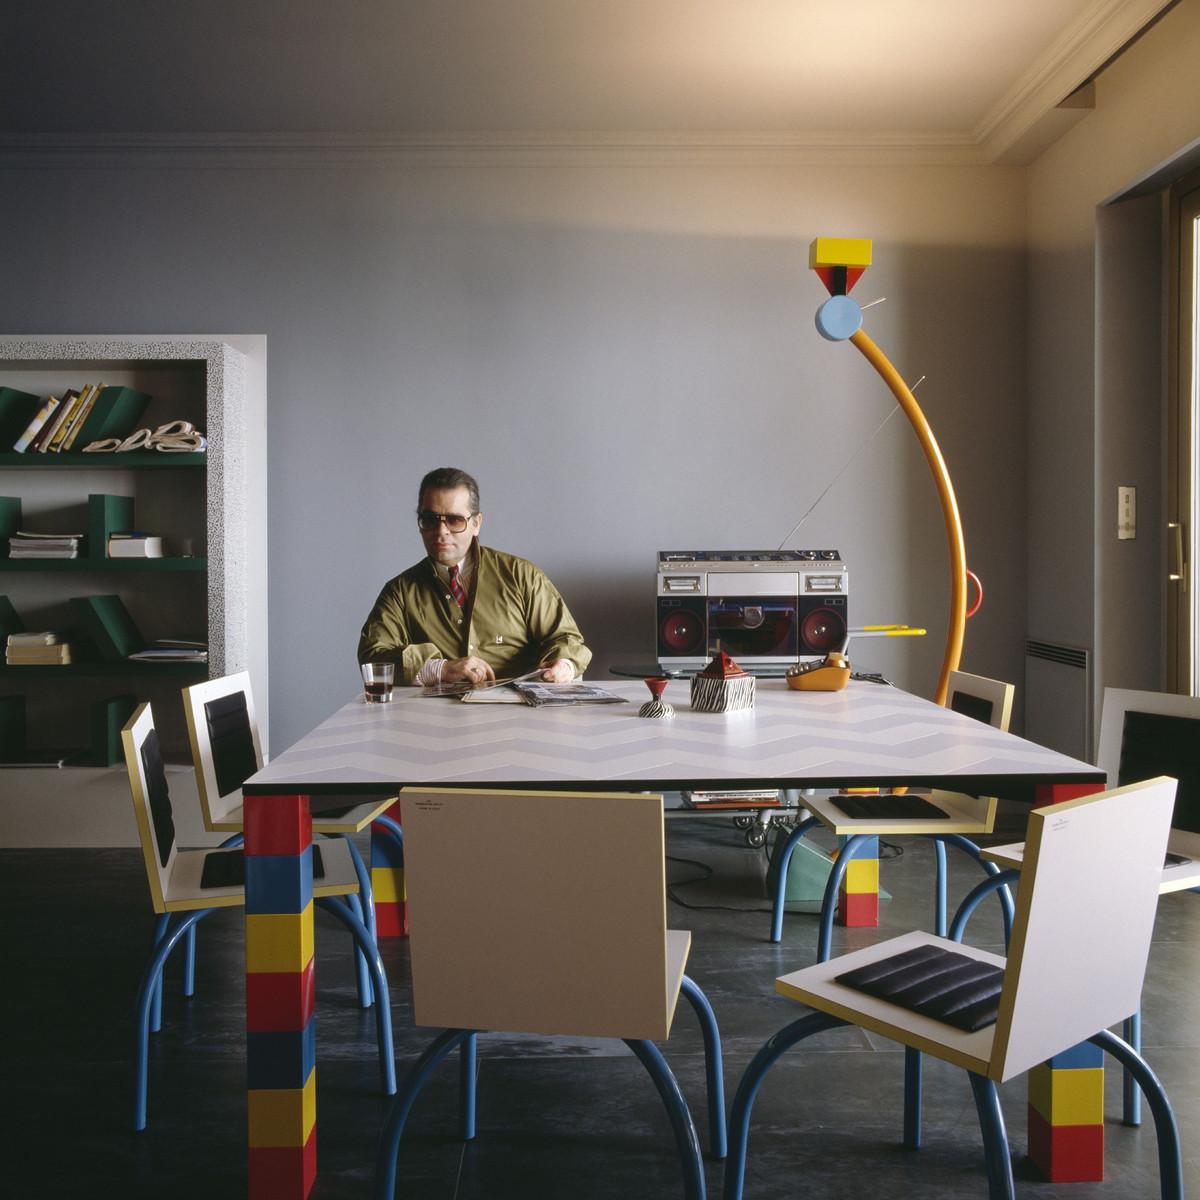 Karl Lagerfeld in seinem Apartment in Monte Carlo mit Memphis-Entwürfen, 1982 © Foto: Jacques Schumacher © VG Bild-Kunst, Bonn 2021 für Entwürfe von Ettore Sottsass